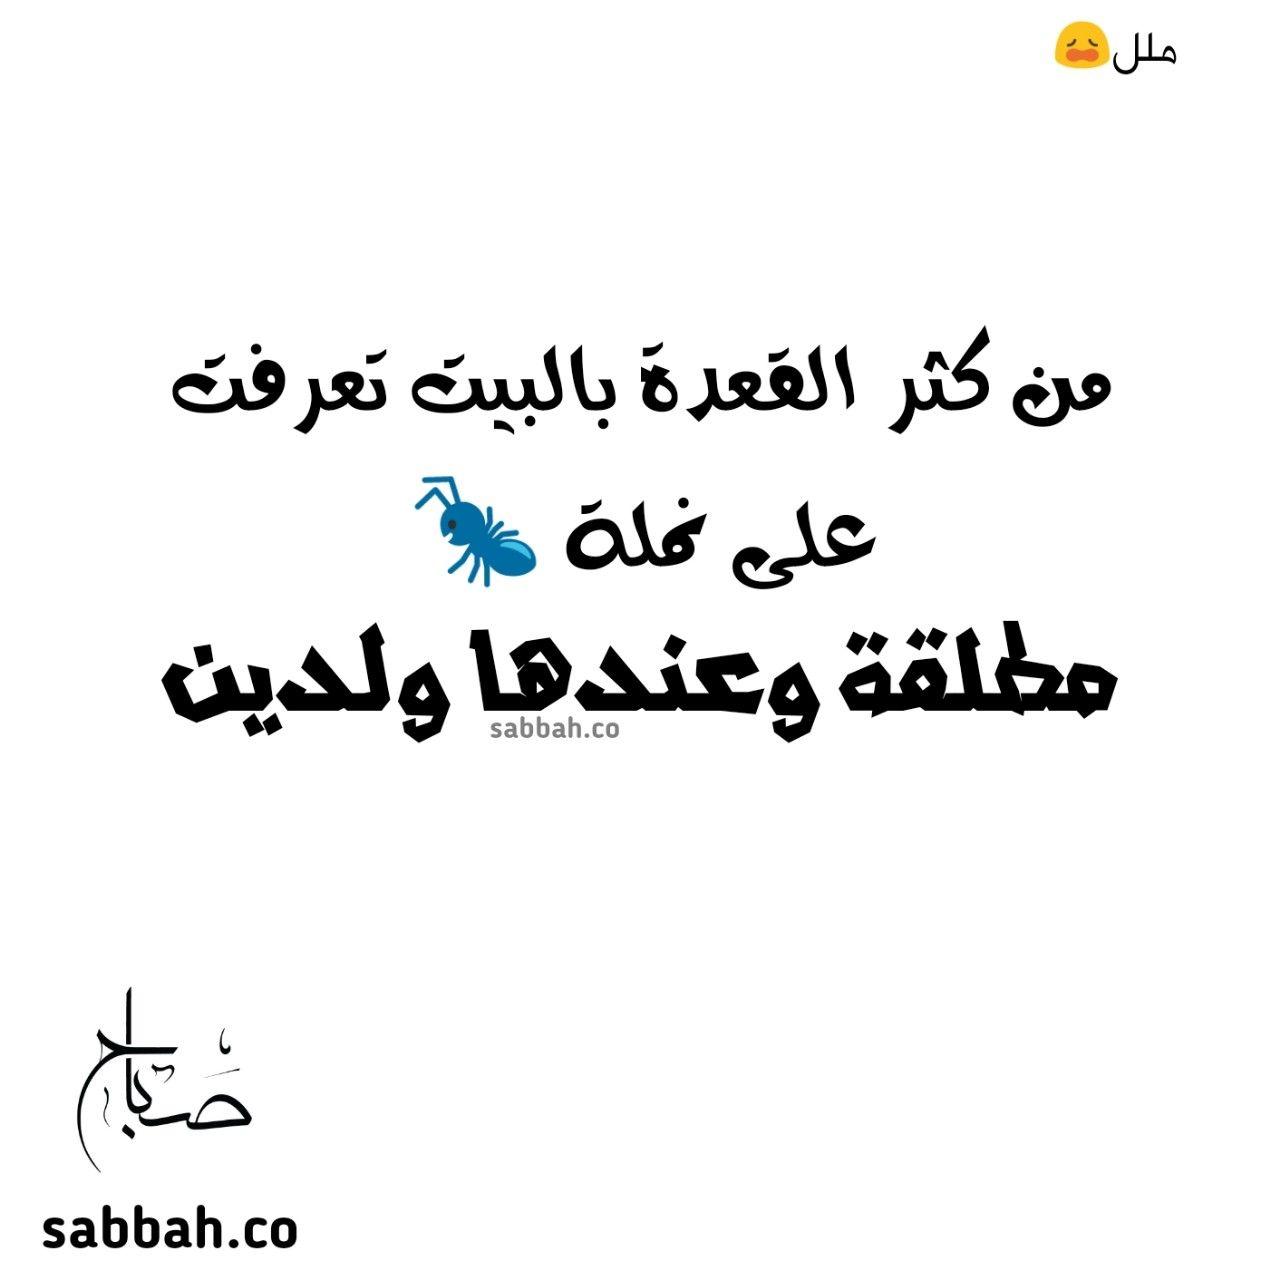 من كتر القعدة بالبيت تعرفت على نملة مطلقة وعندها ولدين Arabic Calligraphy Calligraphy